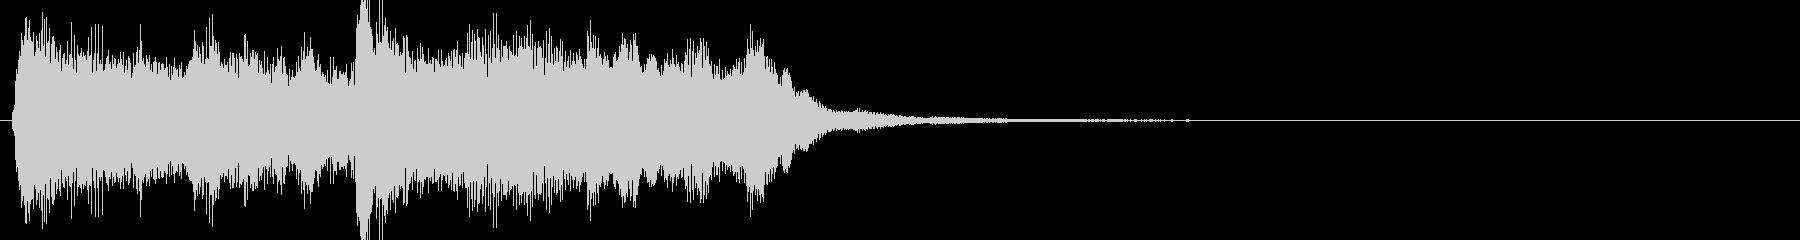 軽い/軽め/小さい ファンファーレ5の未再生の波形